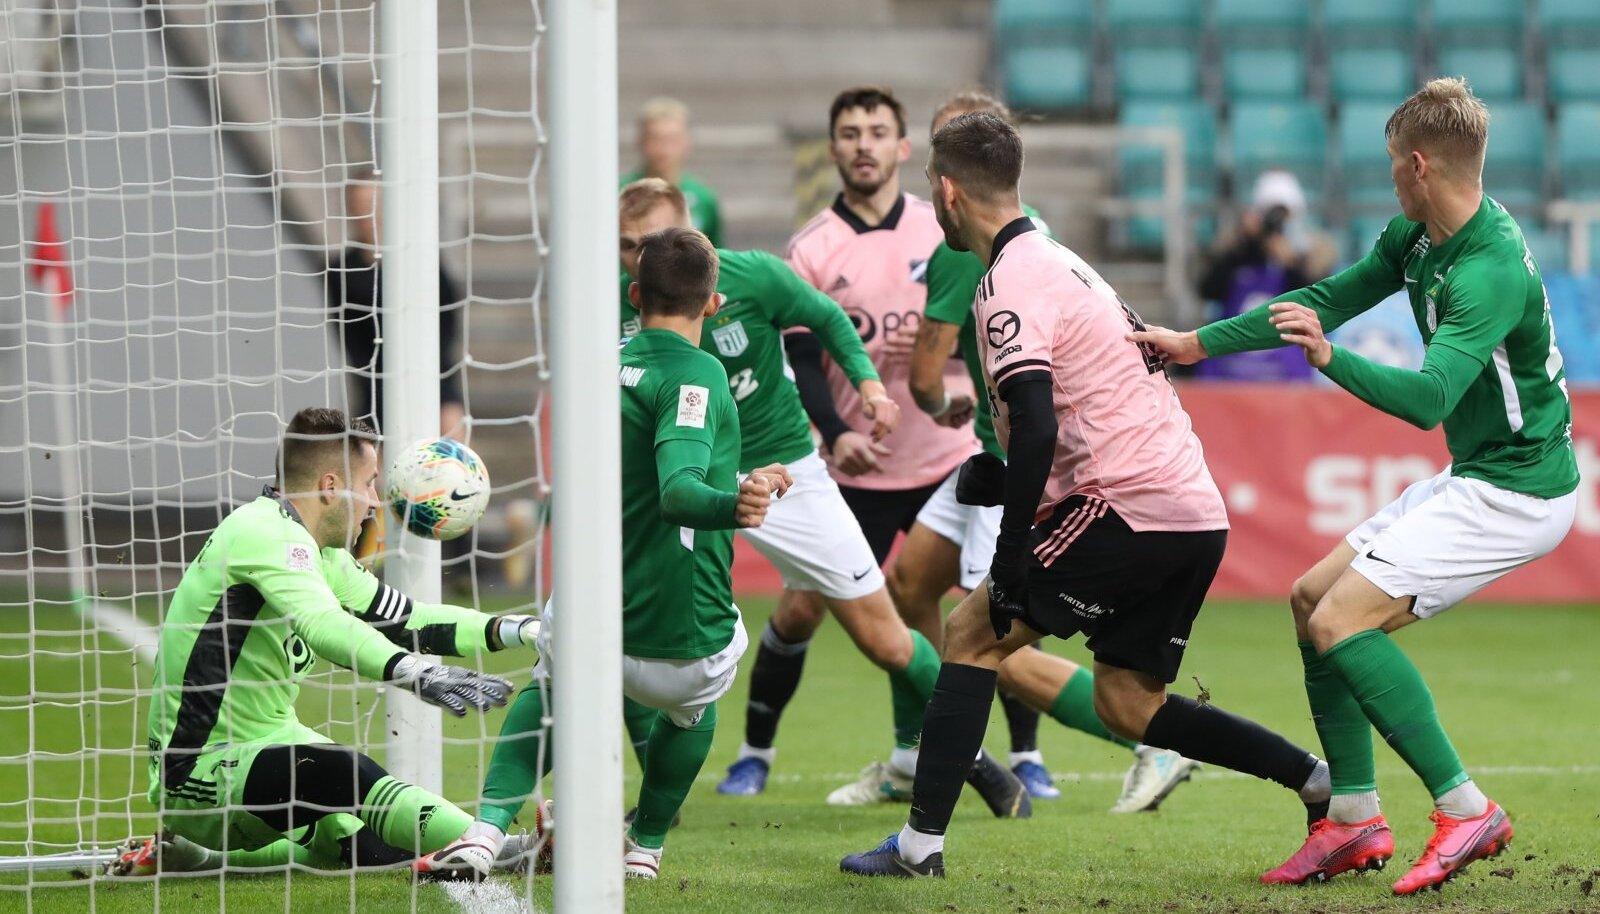 Marko Meerits (väravas) ja ülejäänud Nõmme Kalju (roosas) tiim võitles kõvasti ning sai tiitli poole liikuvalt FC Floralt punkti kätte. Kalju loodab, et see viik annab neile otsustavaks ringiks lisatõuke.